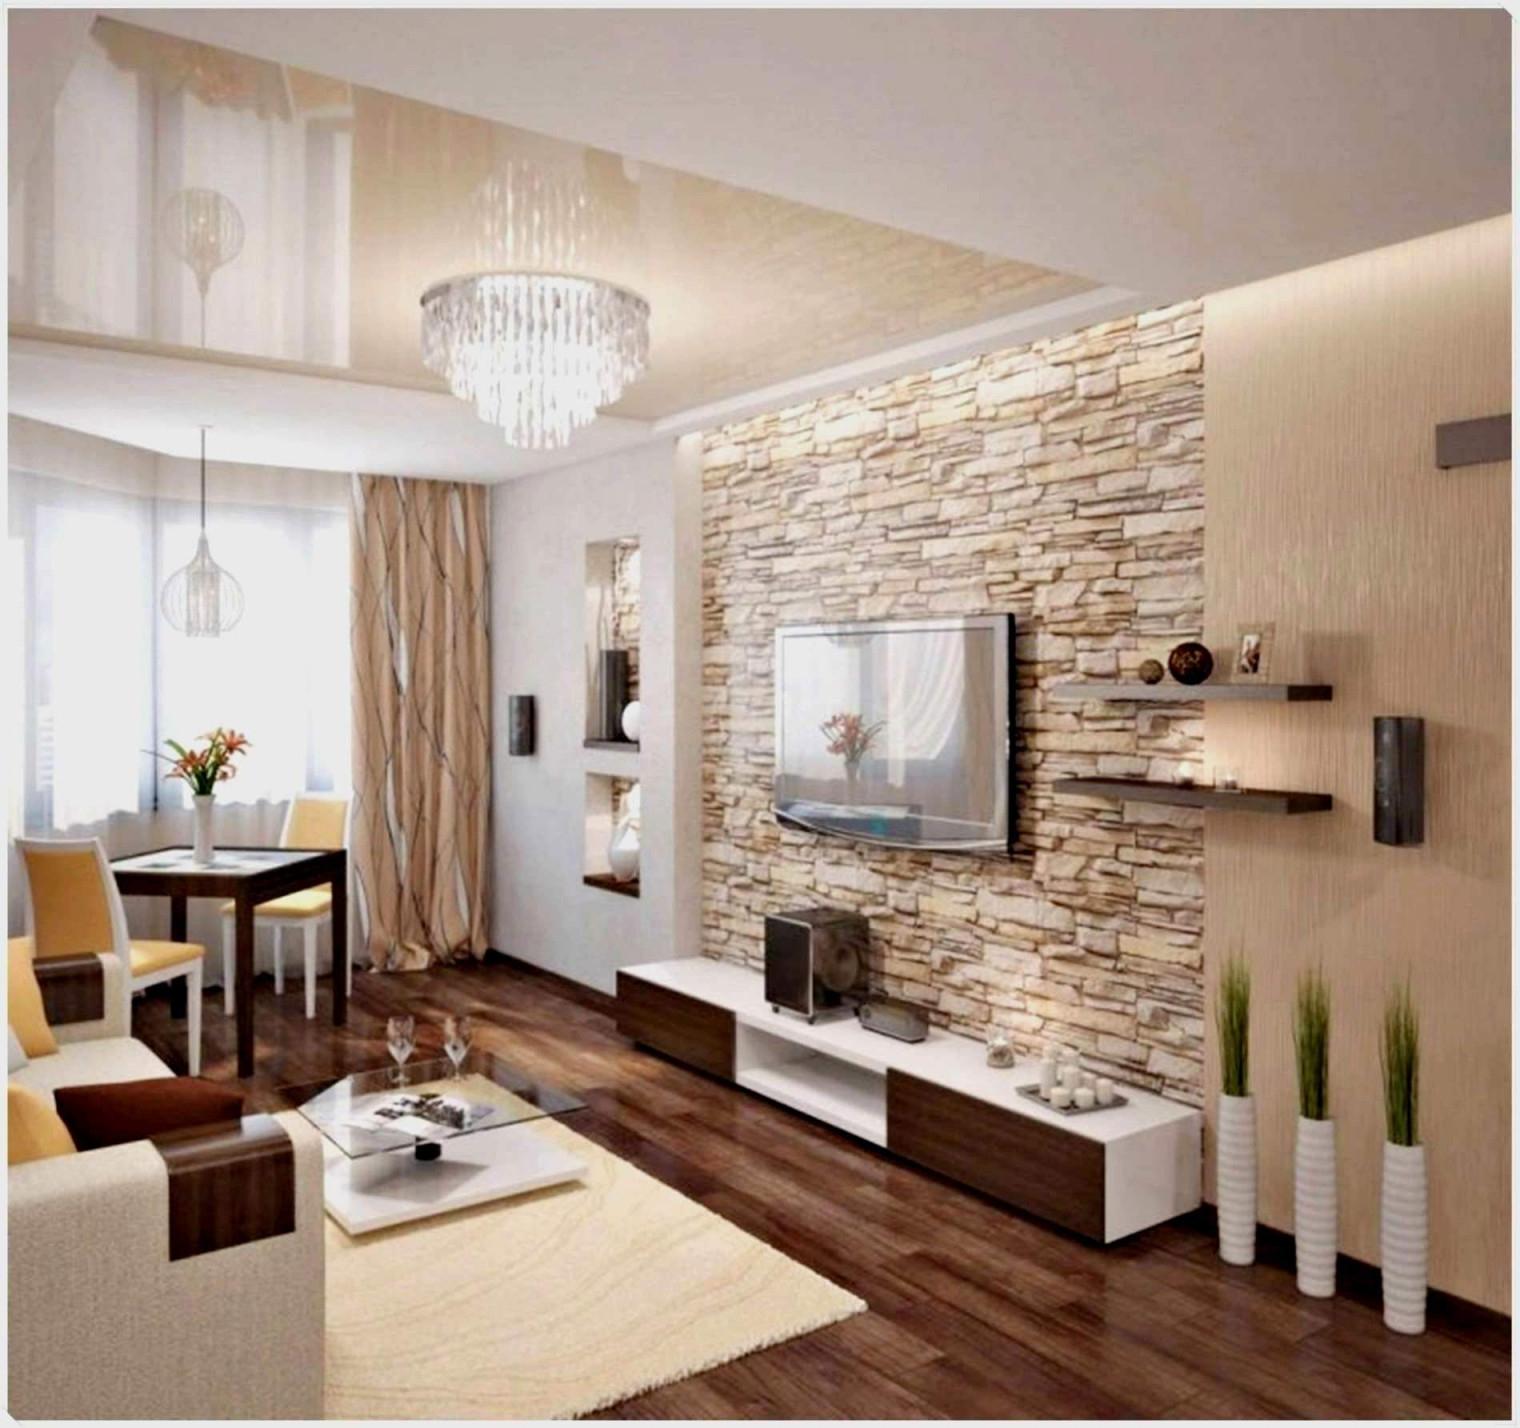 Moderne Deko Wohnzimmer Neu Elegant Dekoartikel Wohnzimmer von Moderne Deko Wohnzimmer Bild